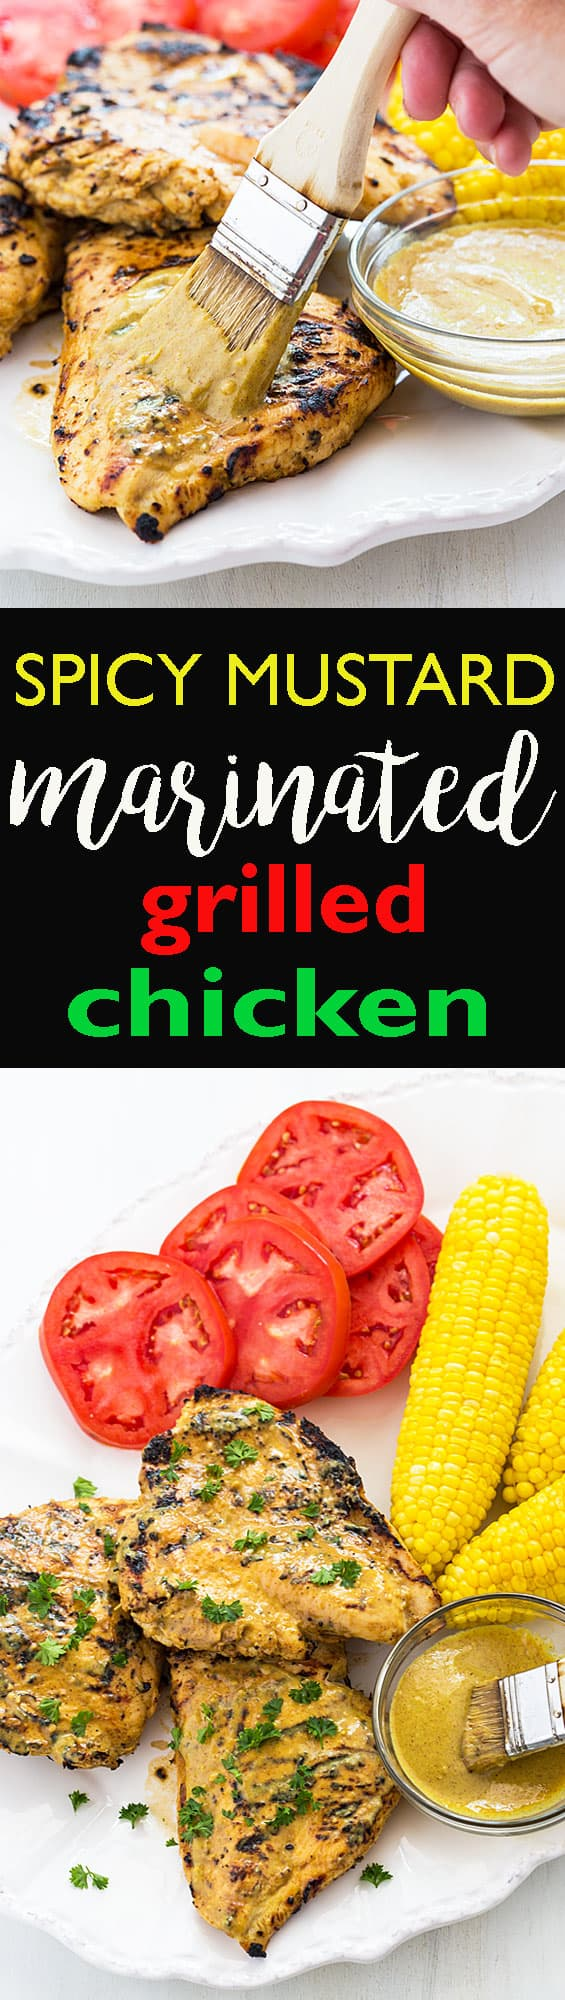 Spicy Mustard Marinated Grilled Chicken